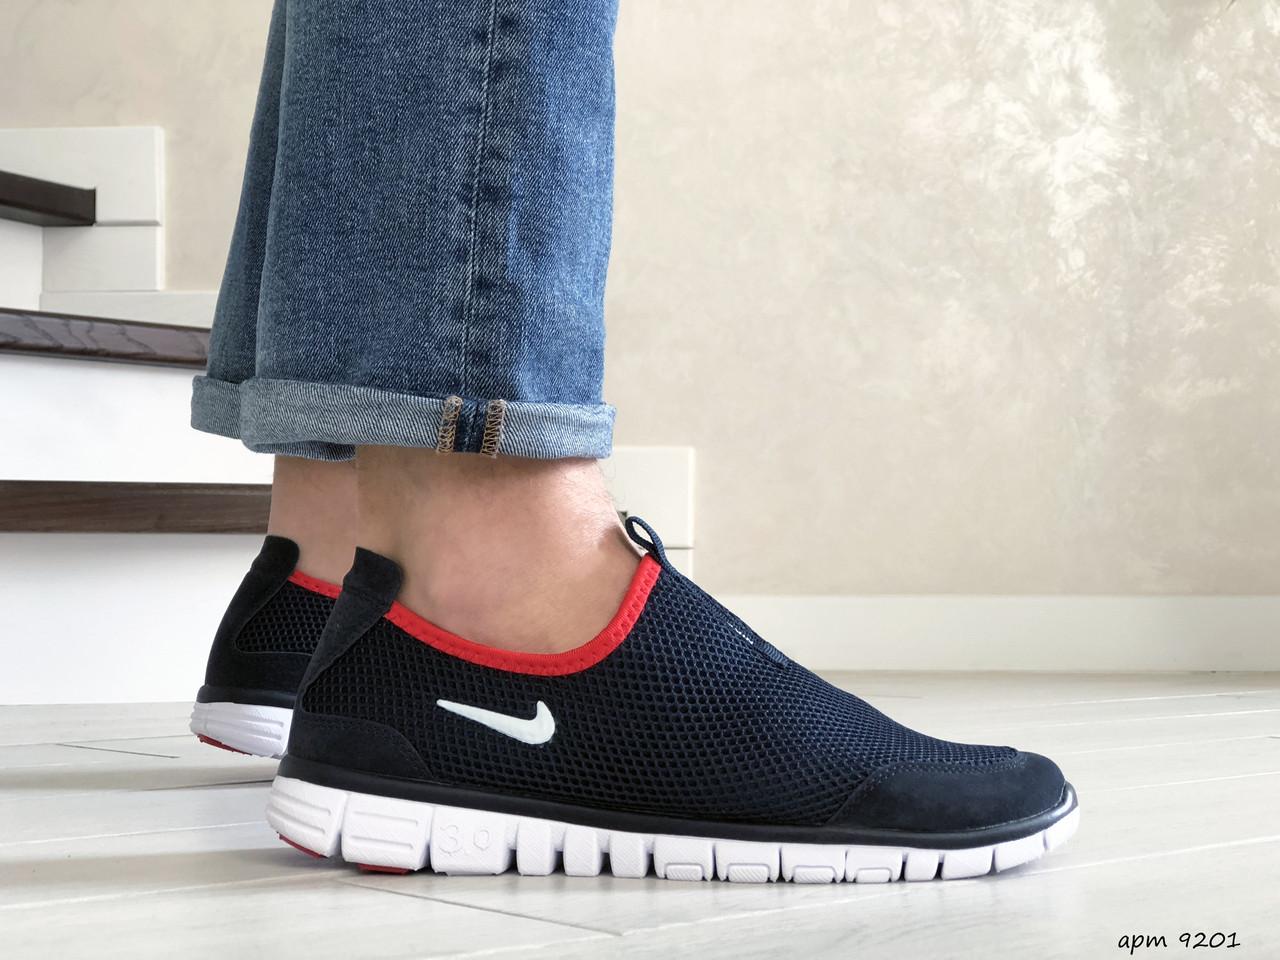 Inconsciente aire diferente  Мужские кроссовки Nike Free Run 30, сетка, синие с белым 43(27,5 см),  размеры:43,44, цена 1 050 грн., купить в Днепре — Prom.ua (ID#1264717544)